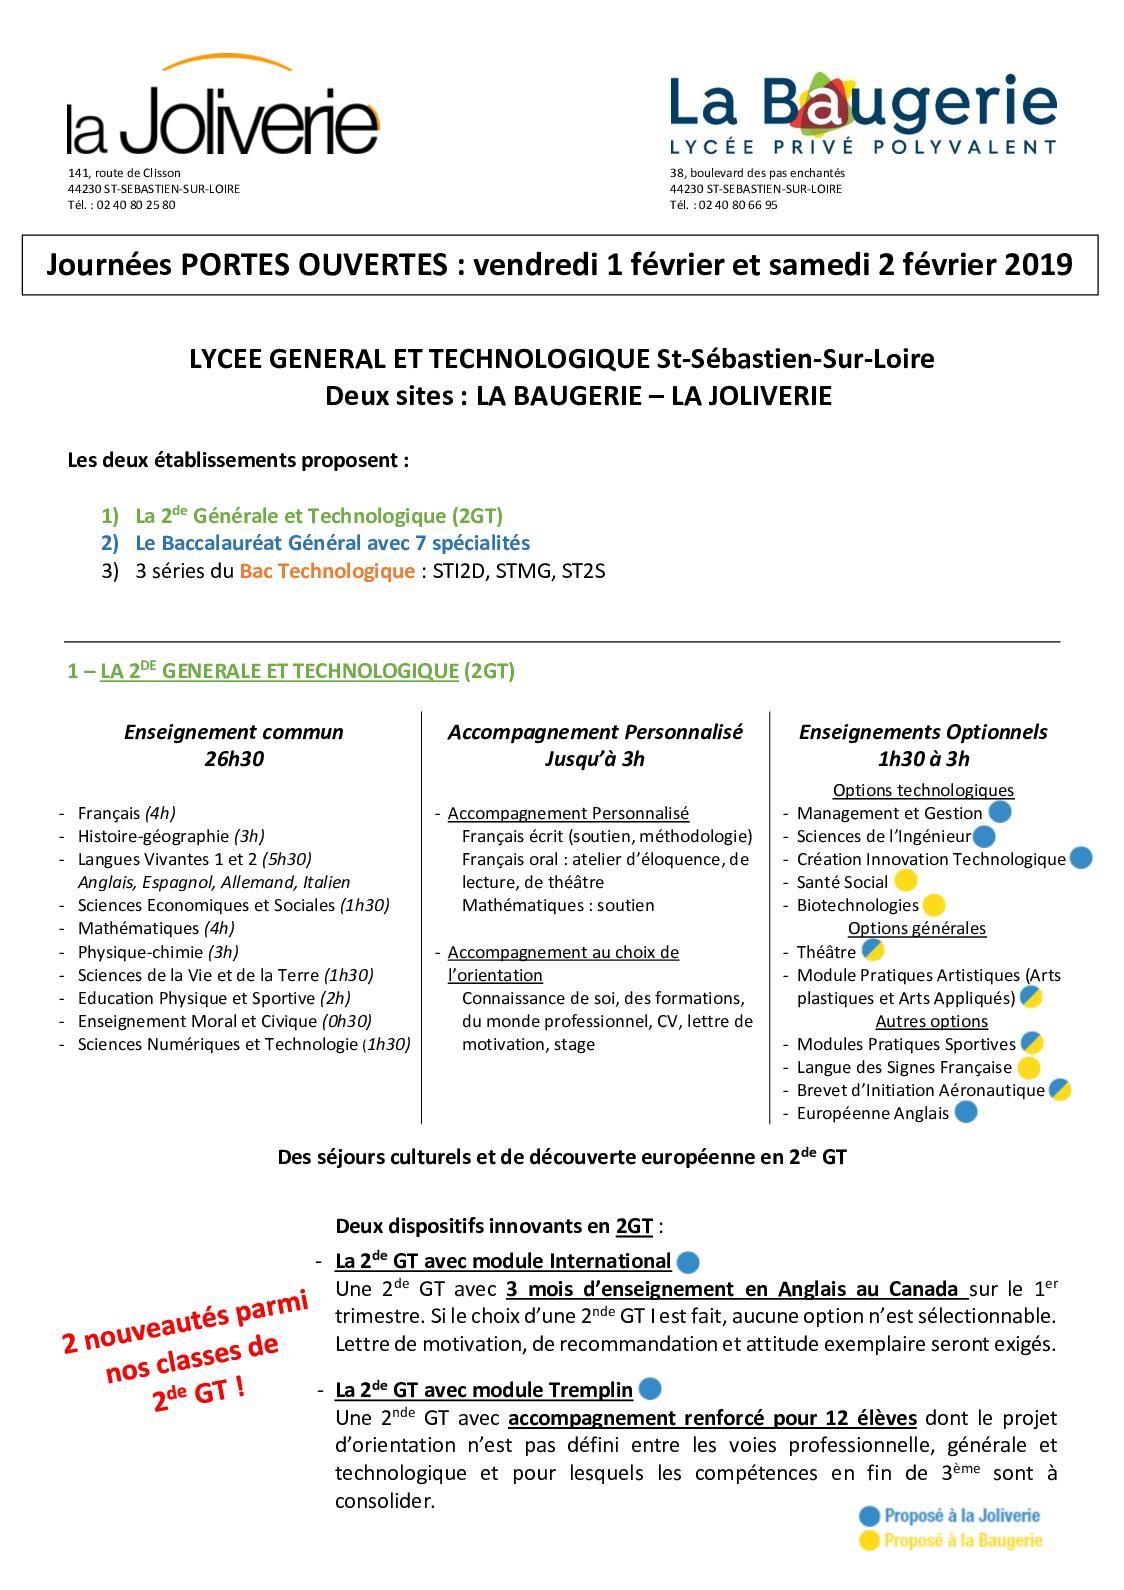 Calaméo Le Nouveau Bac Général à La Joliverie